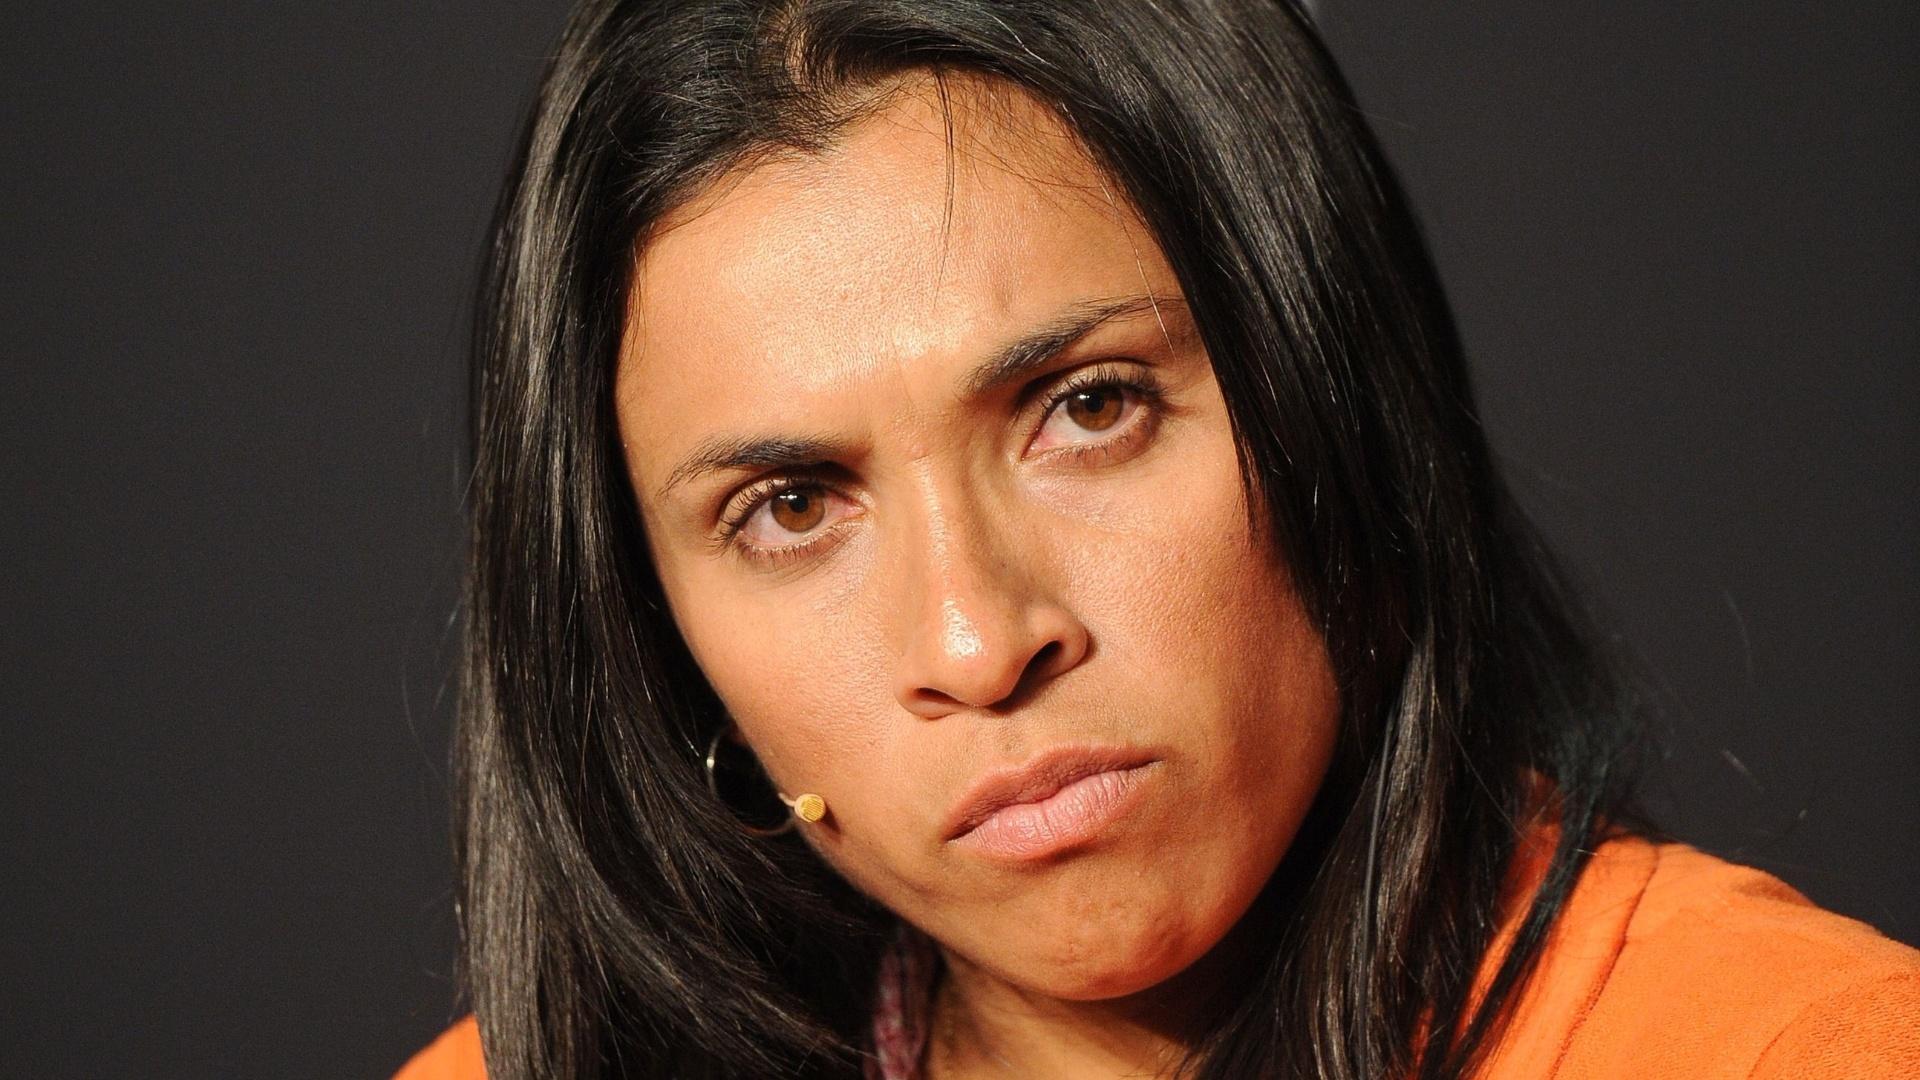 Marta concede entrevista antes da premiação da Bola de Ouro da Fifa. A brasileira foi superada por Homare Sawa na eleição de melhor do mundo